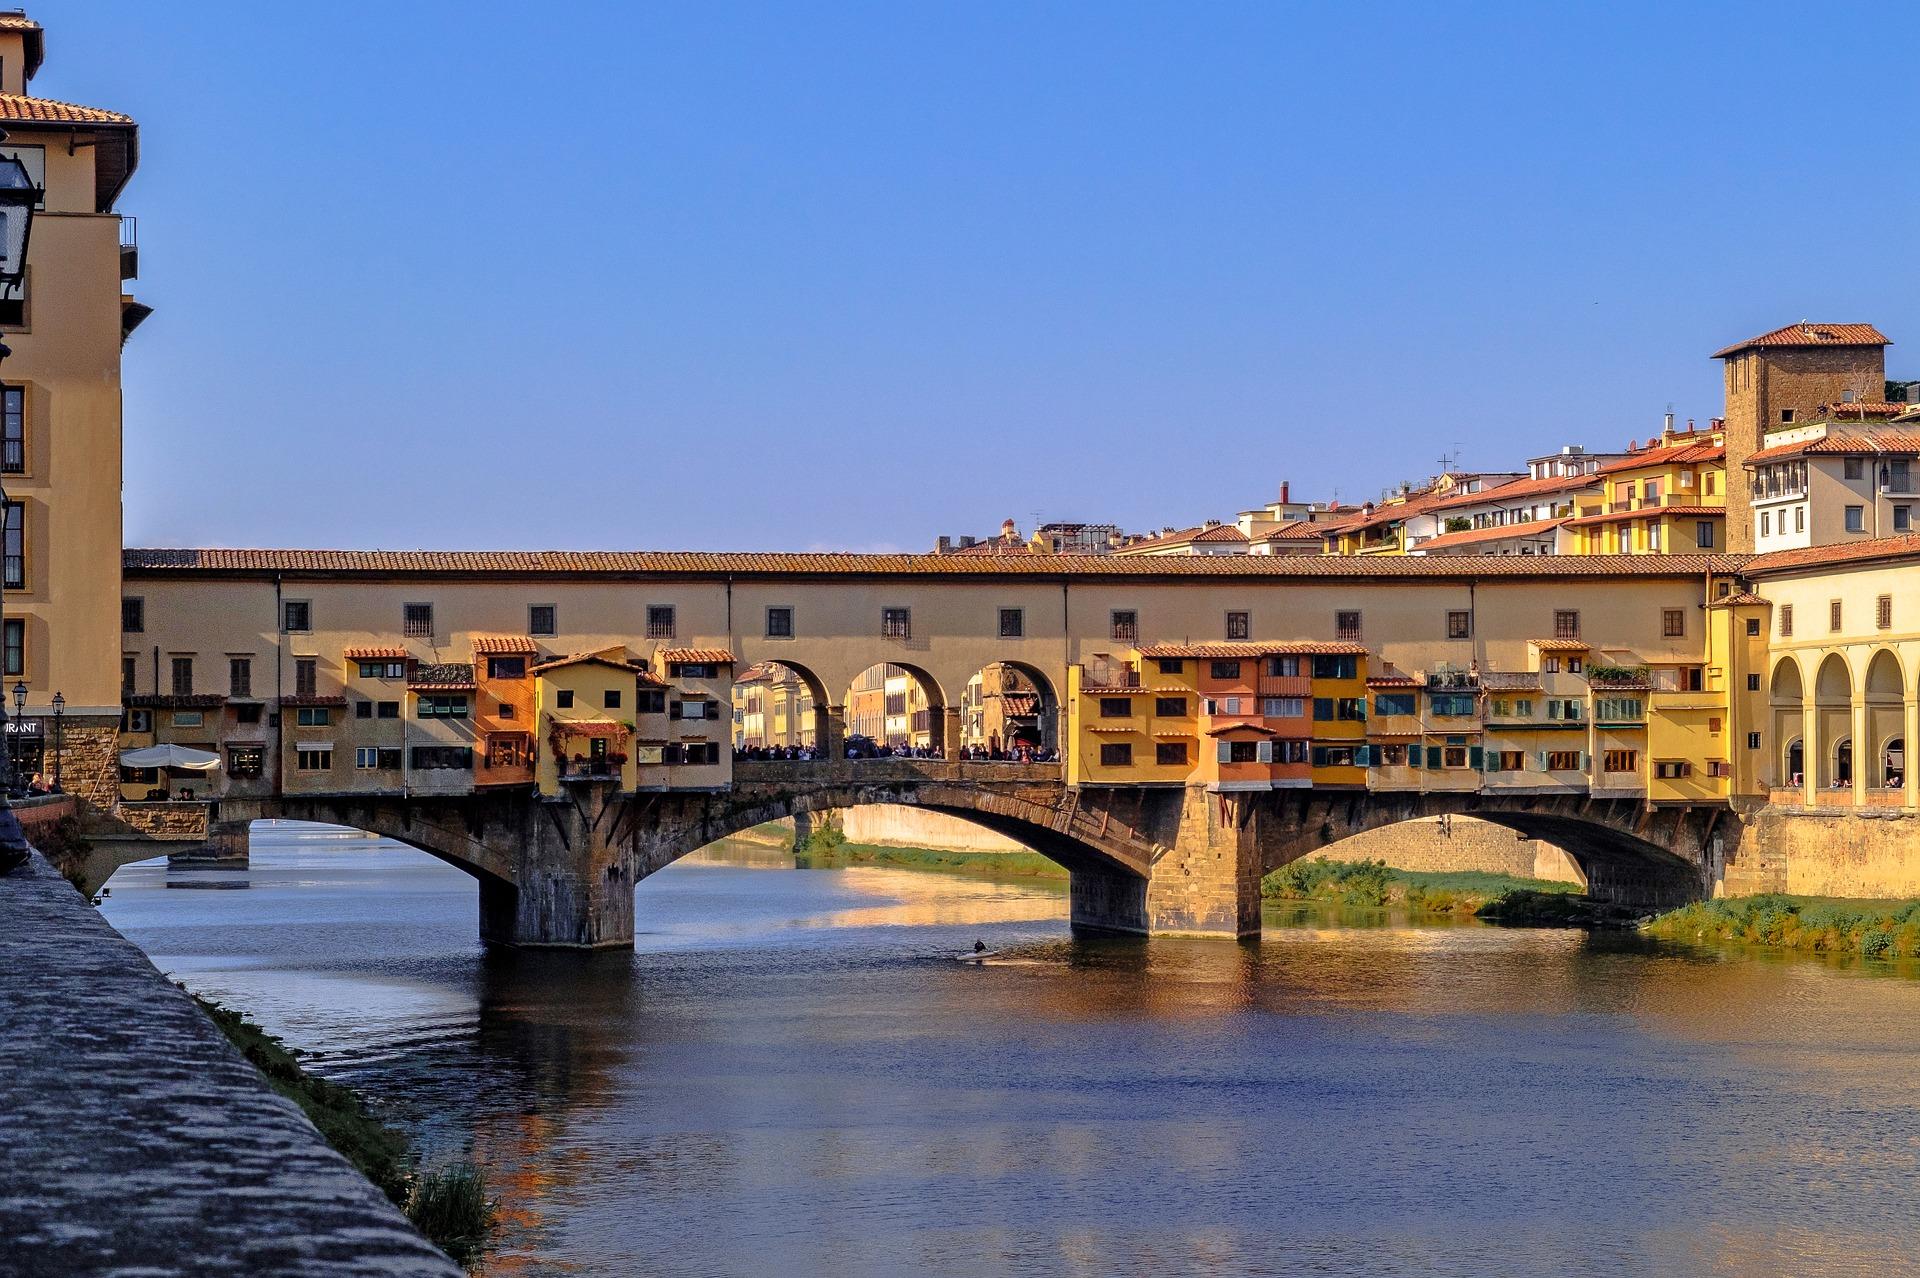 Visite du Ponte Vecchio à Florence